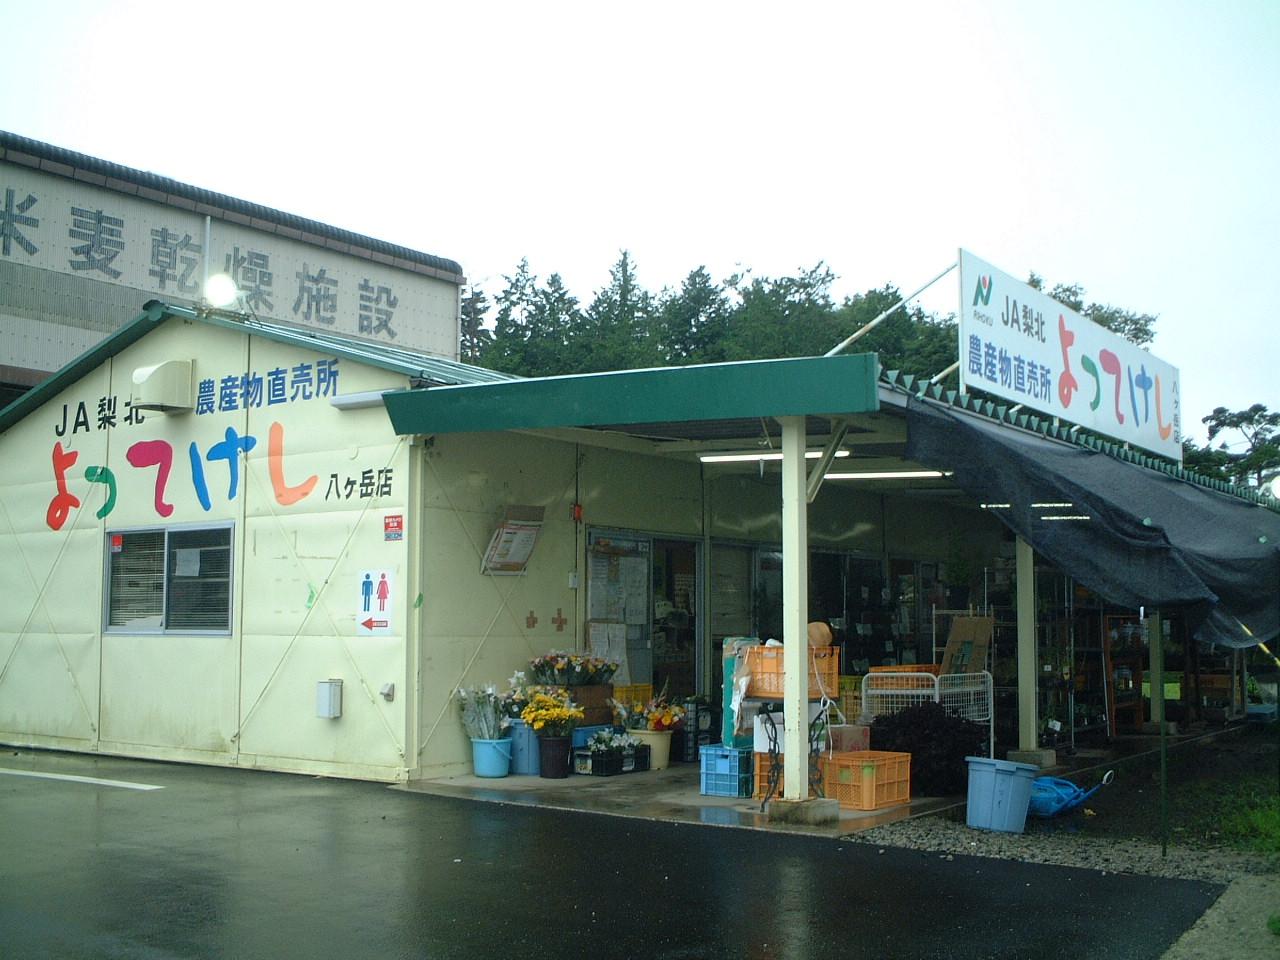 JA梨北農産物直売所 よってけし八ヶ岳店の写真